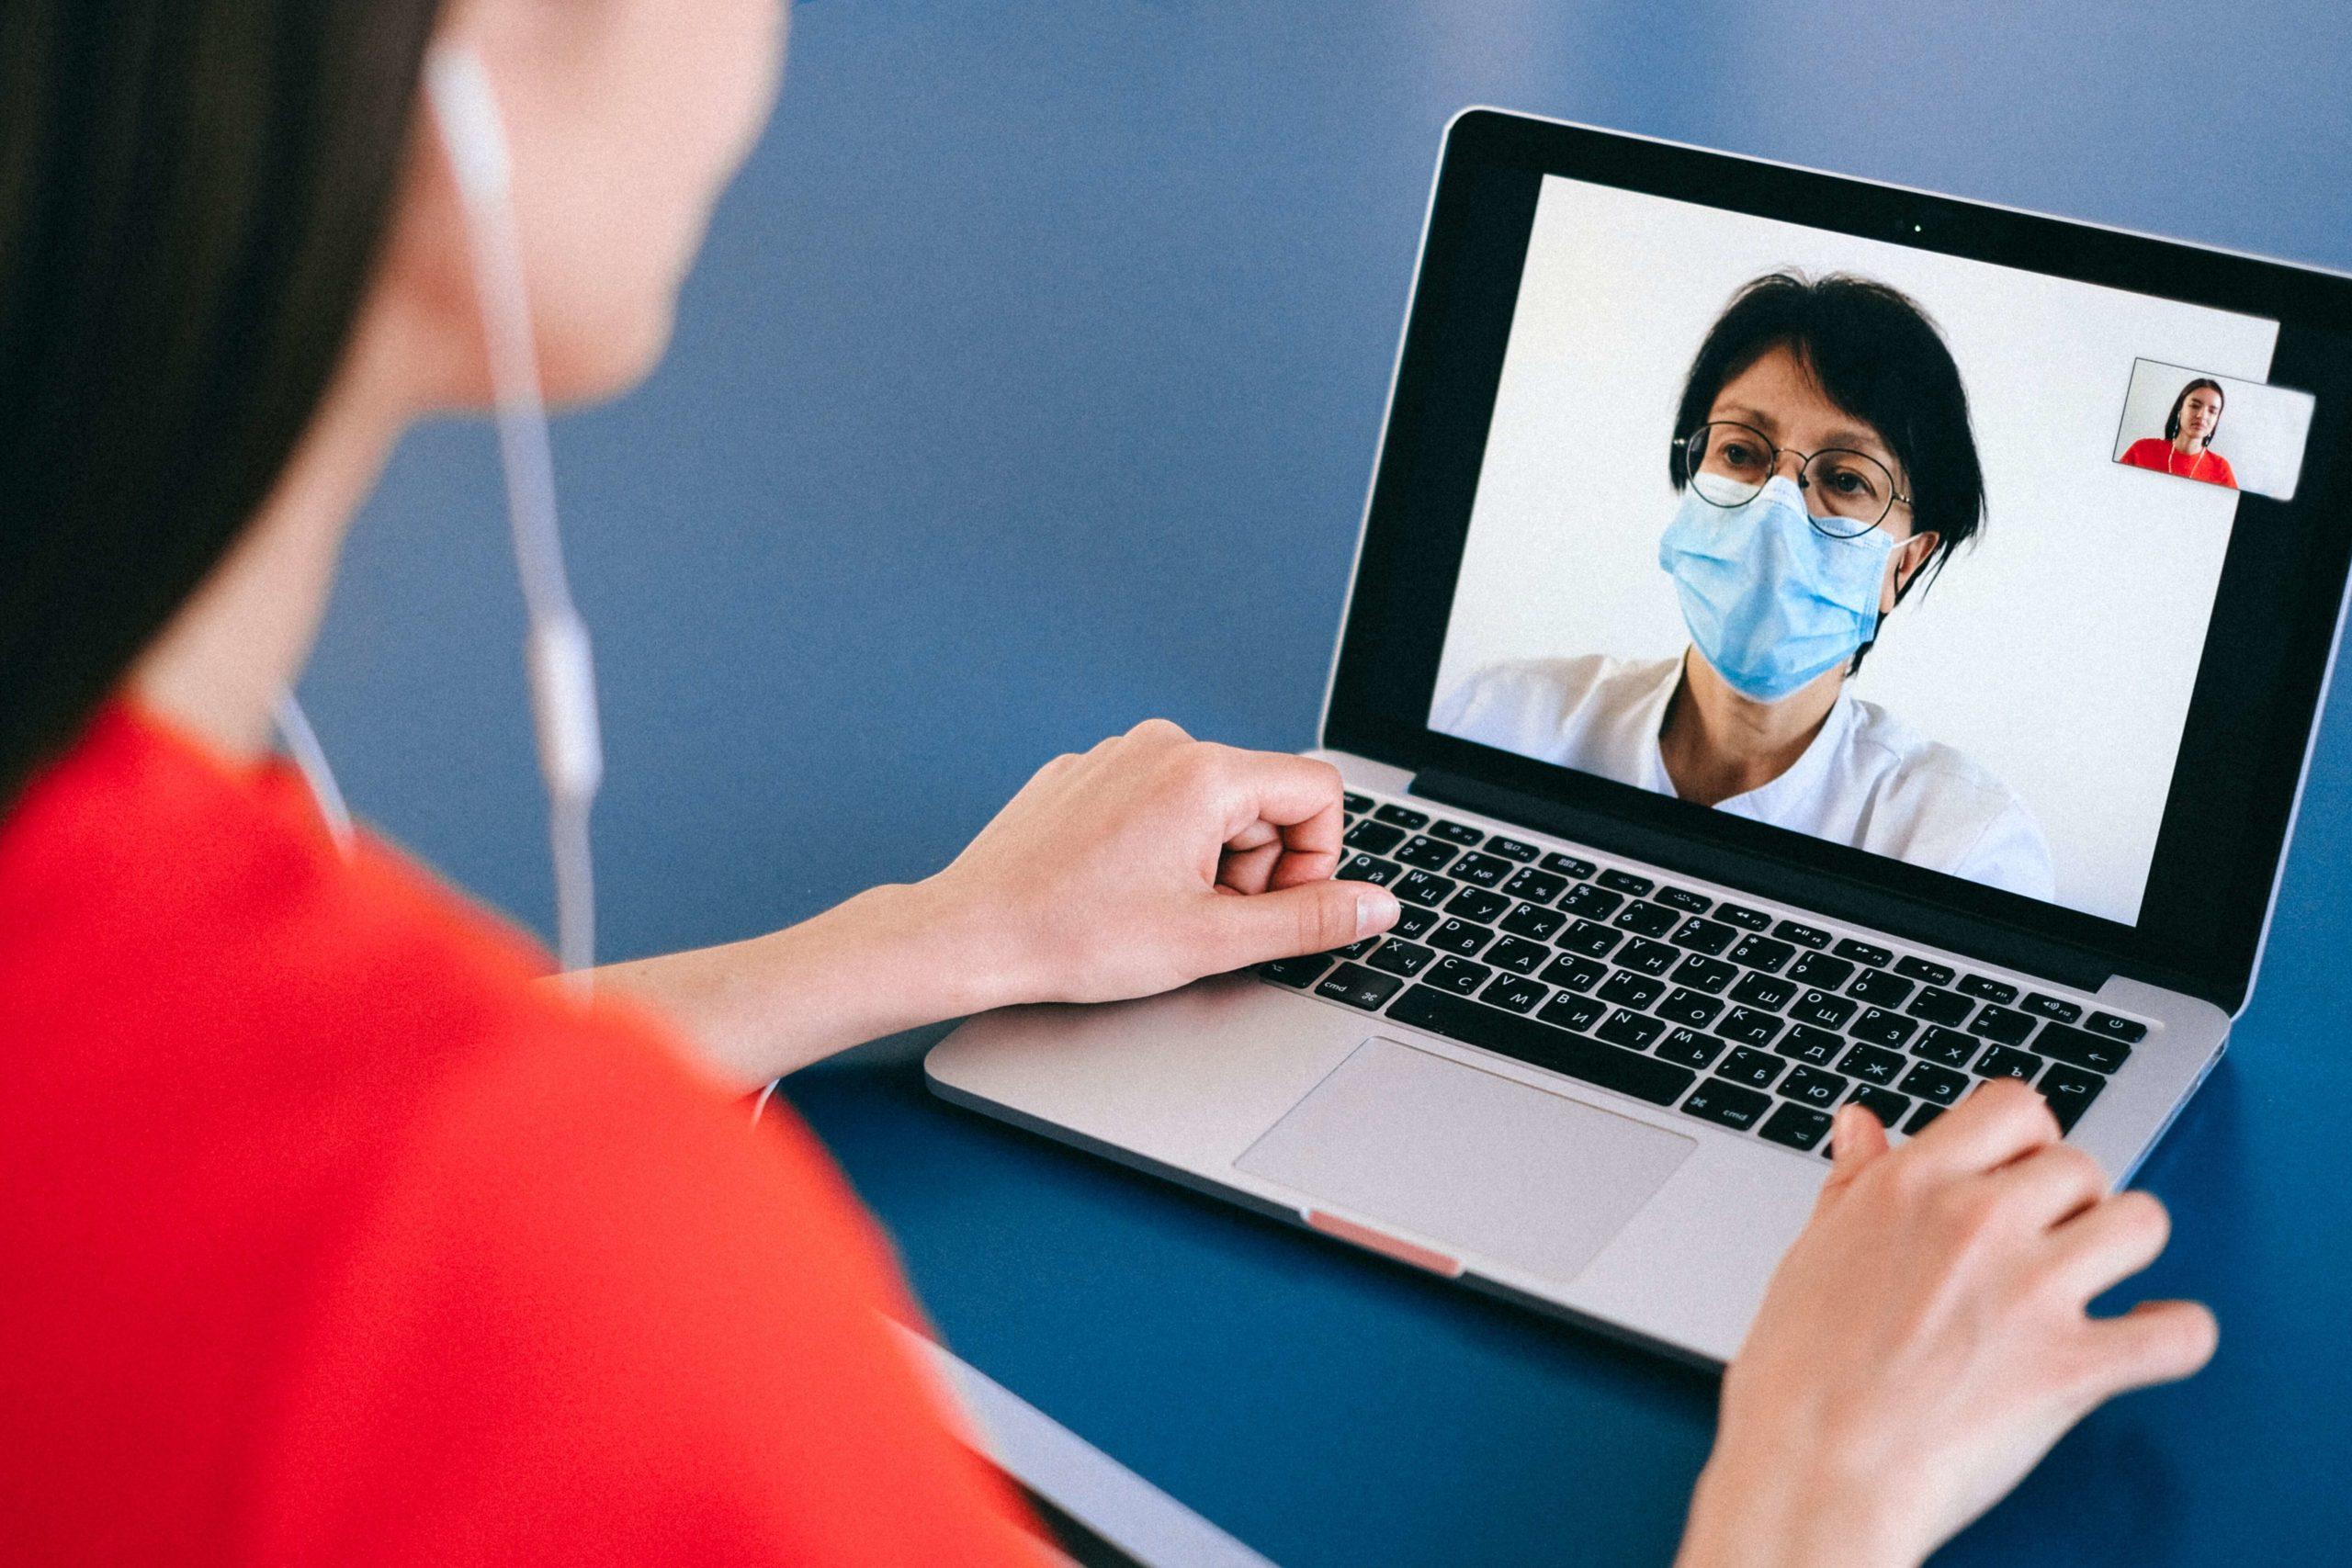 пациент общается с врачом по ноутбуку